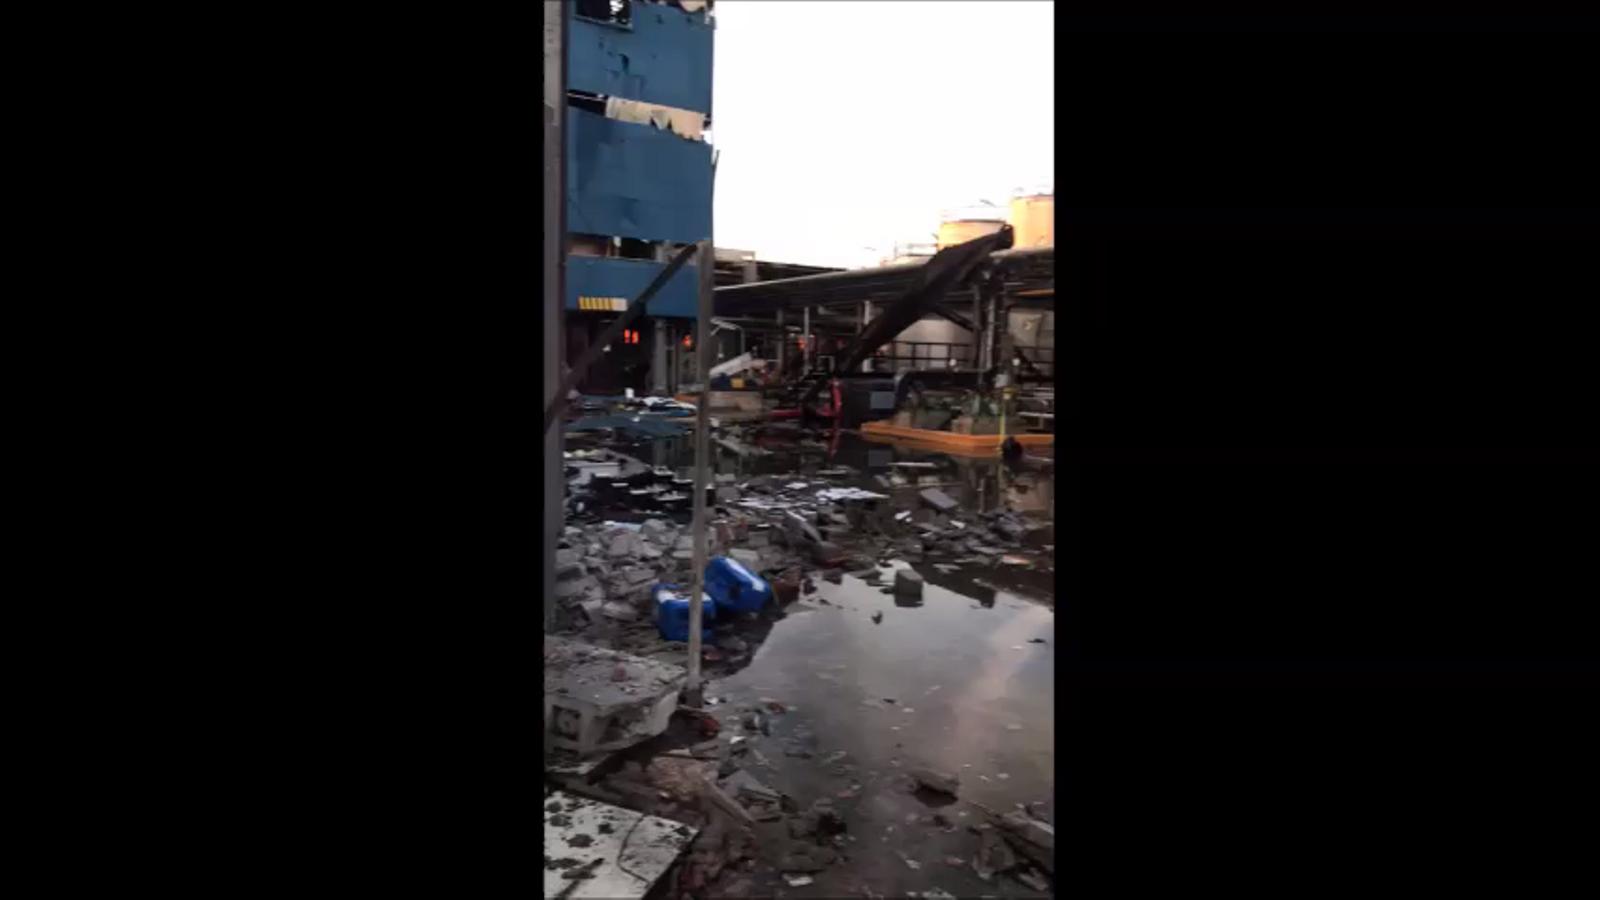 Els desperfectes ocasionats a la fàbrica de Canonja on es va produir l'explosió